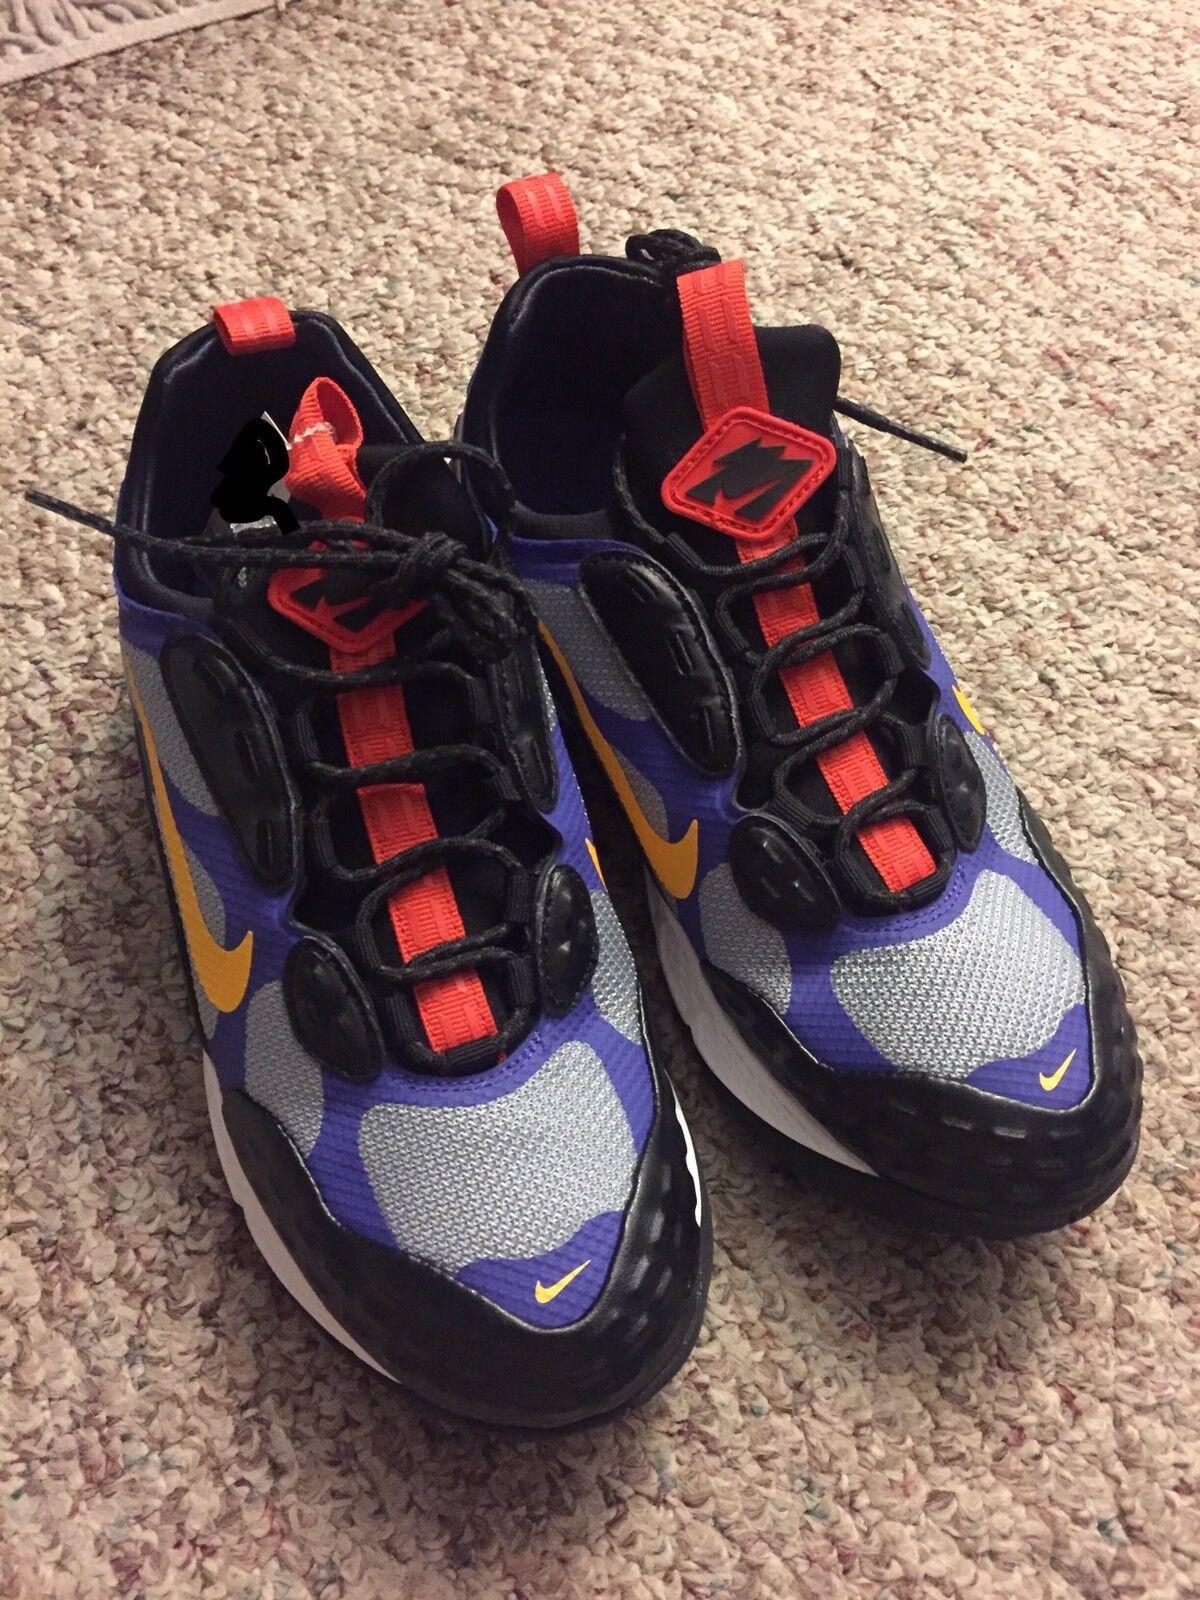 Nike air zoom Uomo albis 16 nero taxi rosso 904334-002 acg nuova concordia del cile